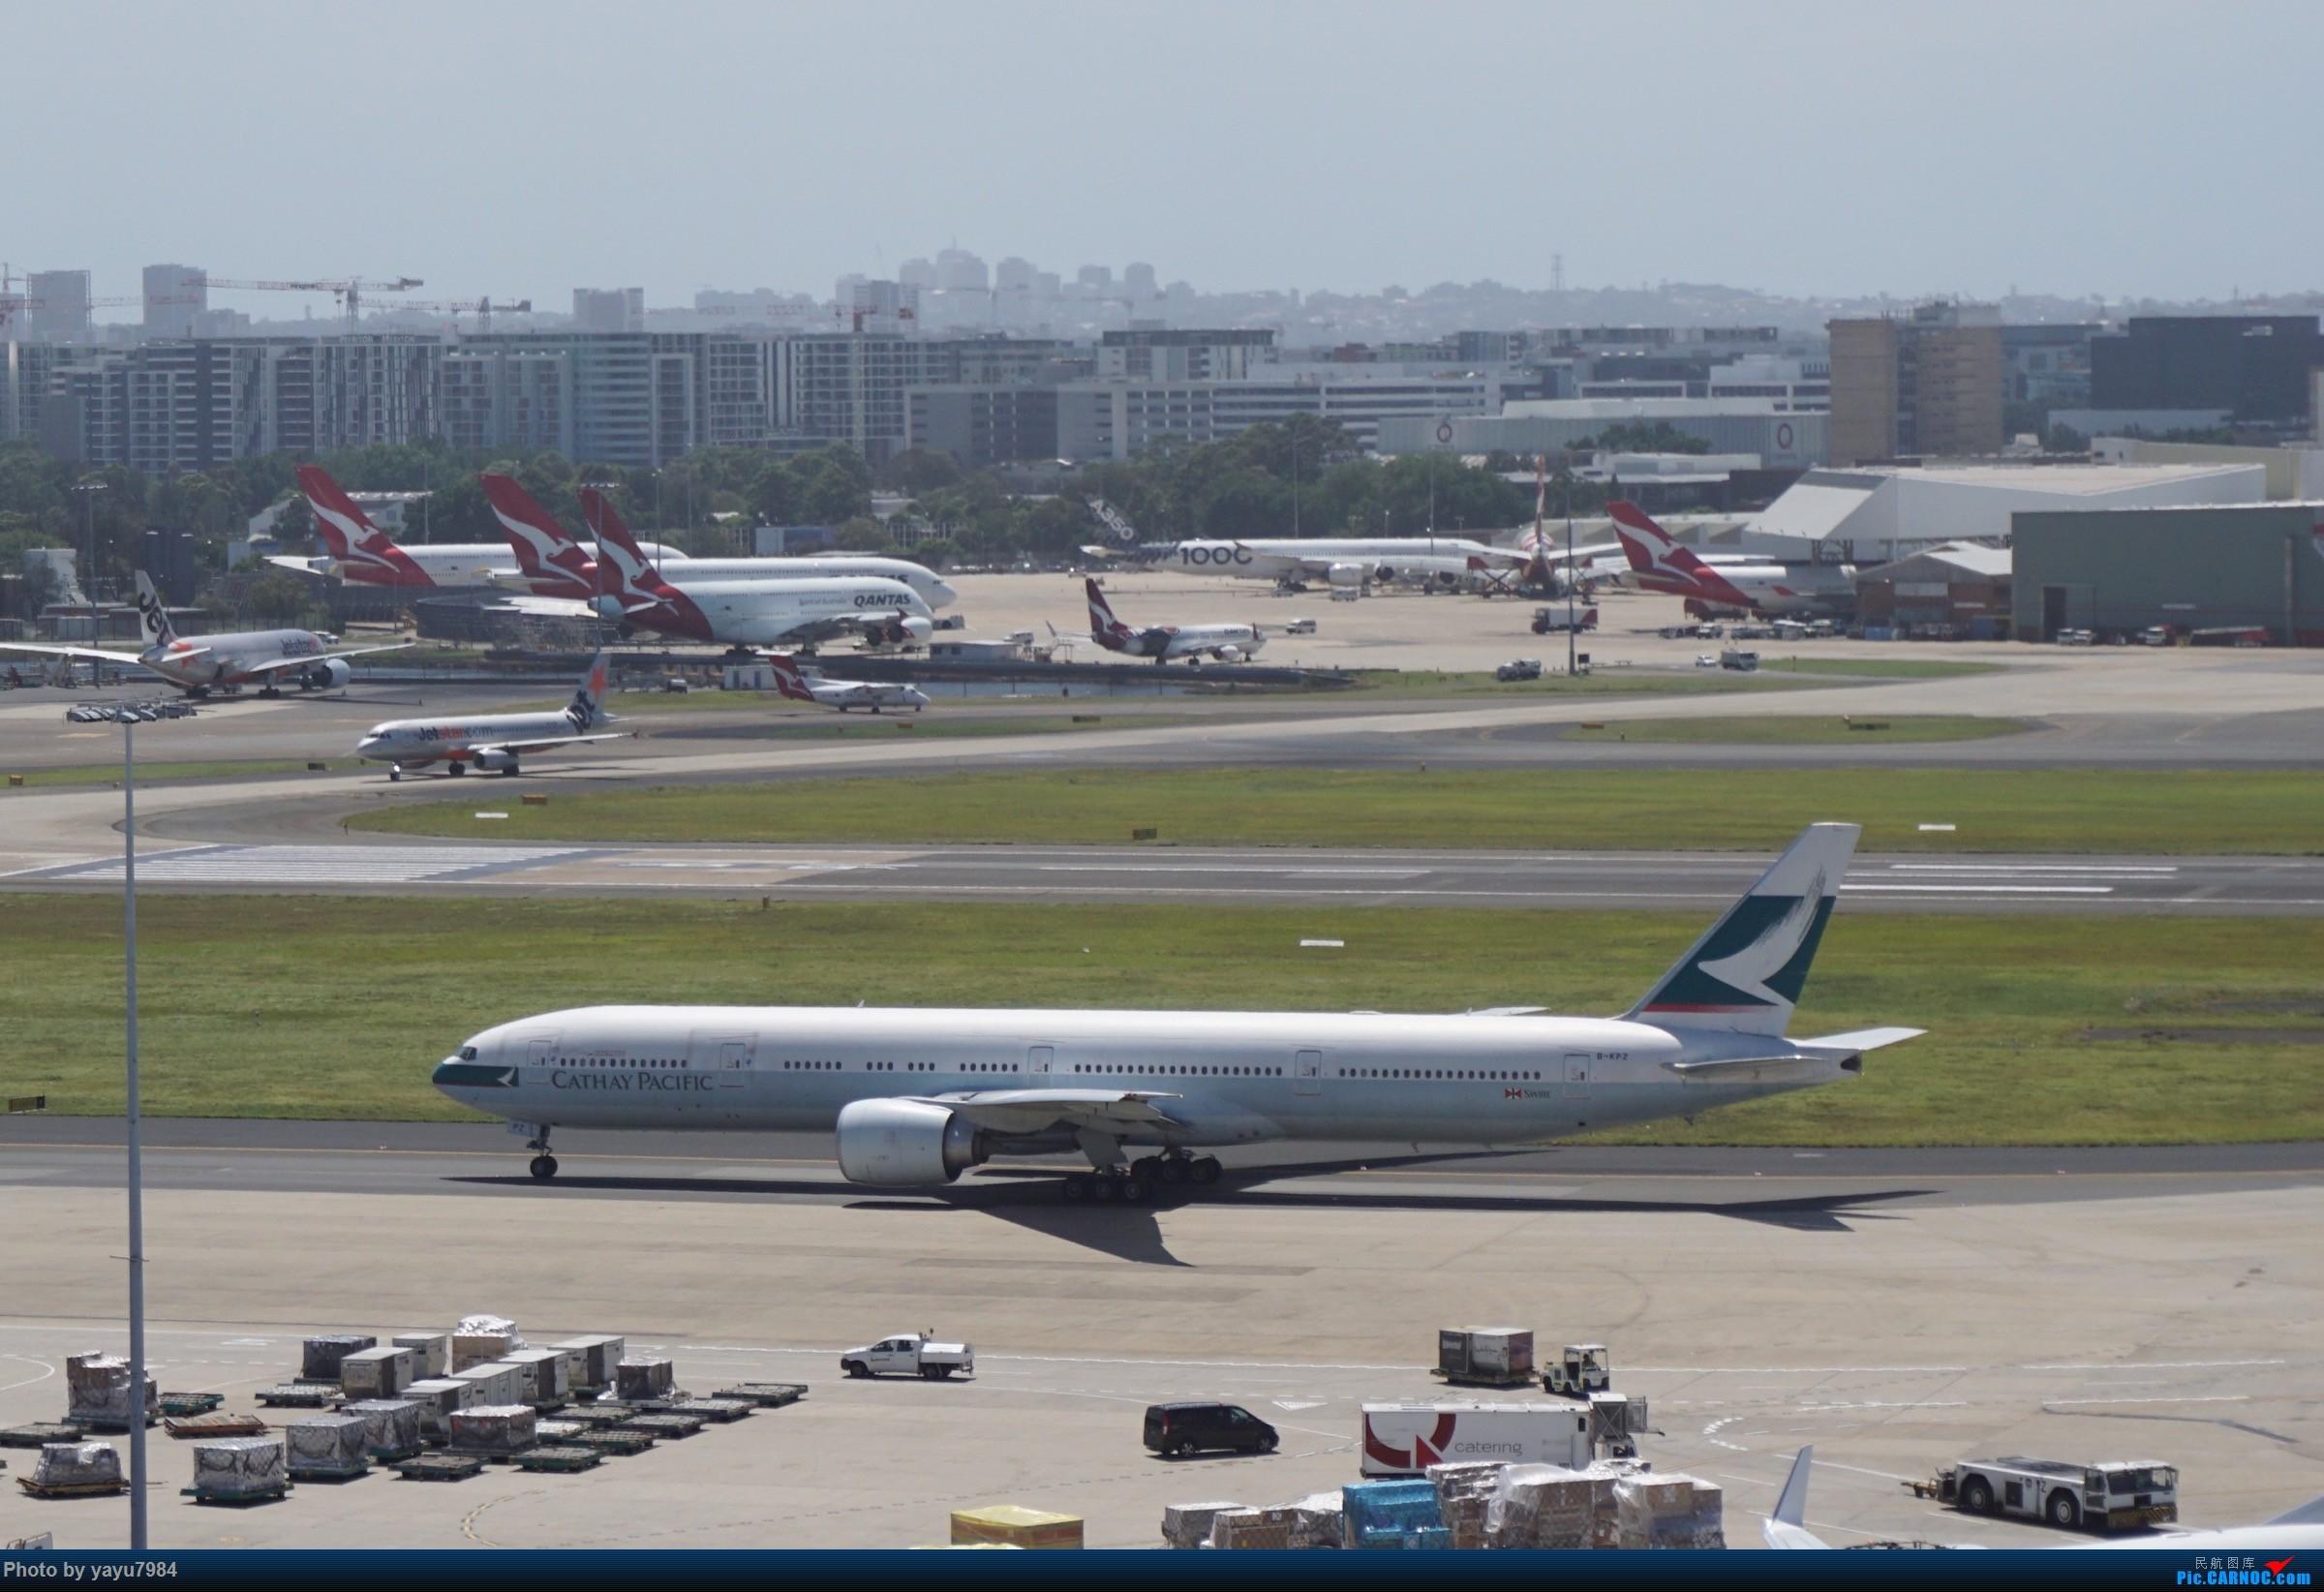 Re:[原创][SYD] 停车楼顶看宽体 BOEING 777-300ER B-KPZ 澳大利亚悉尼金斯福德·史密斯机场